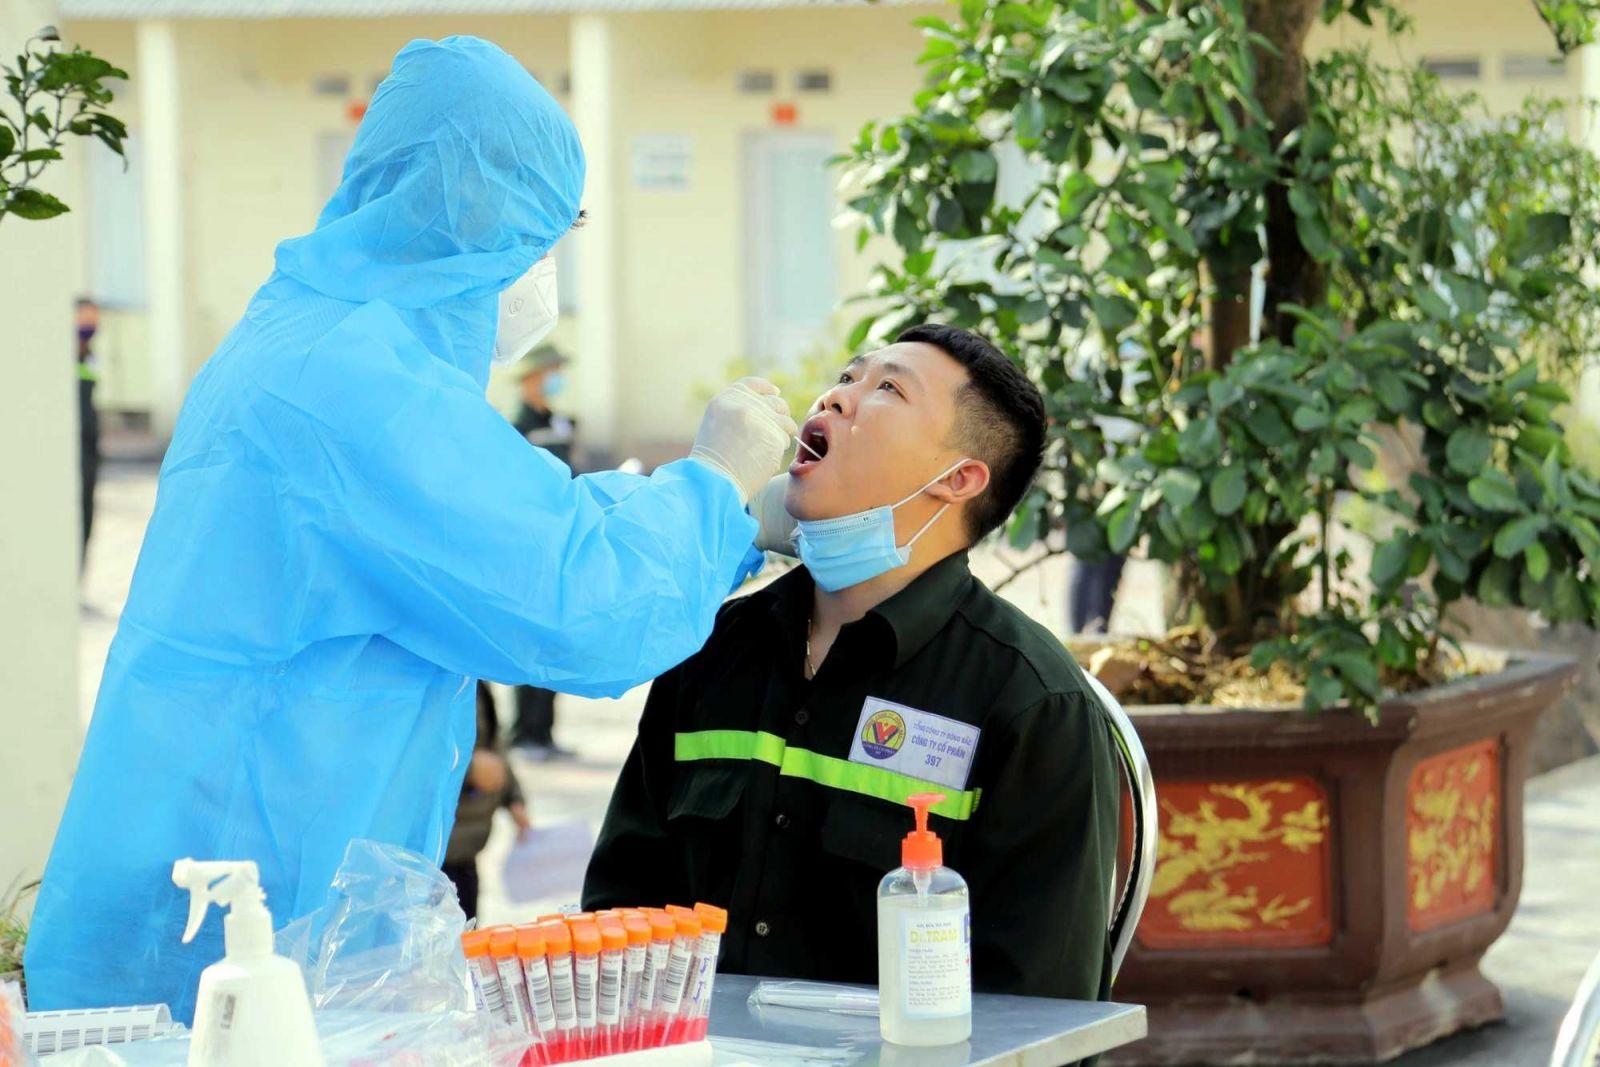 Hơn 13.800 thí sinh dự thi vào lớp 10 ở Quảng Ninh được lấy mẫu xét nghiệm Covid-19.